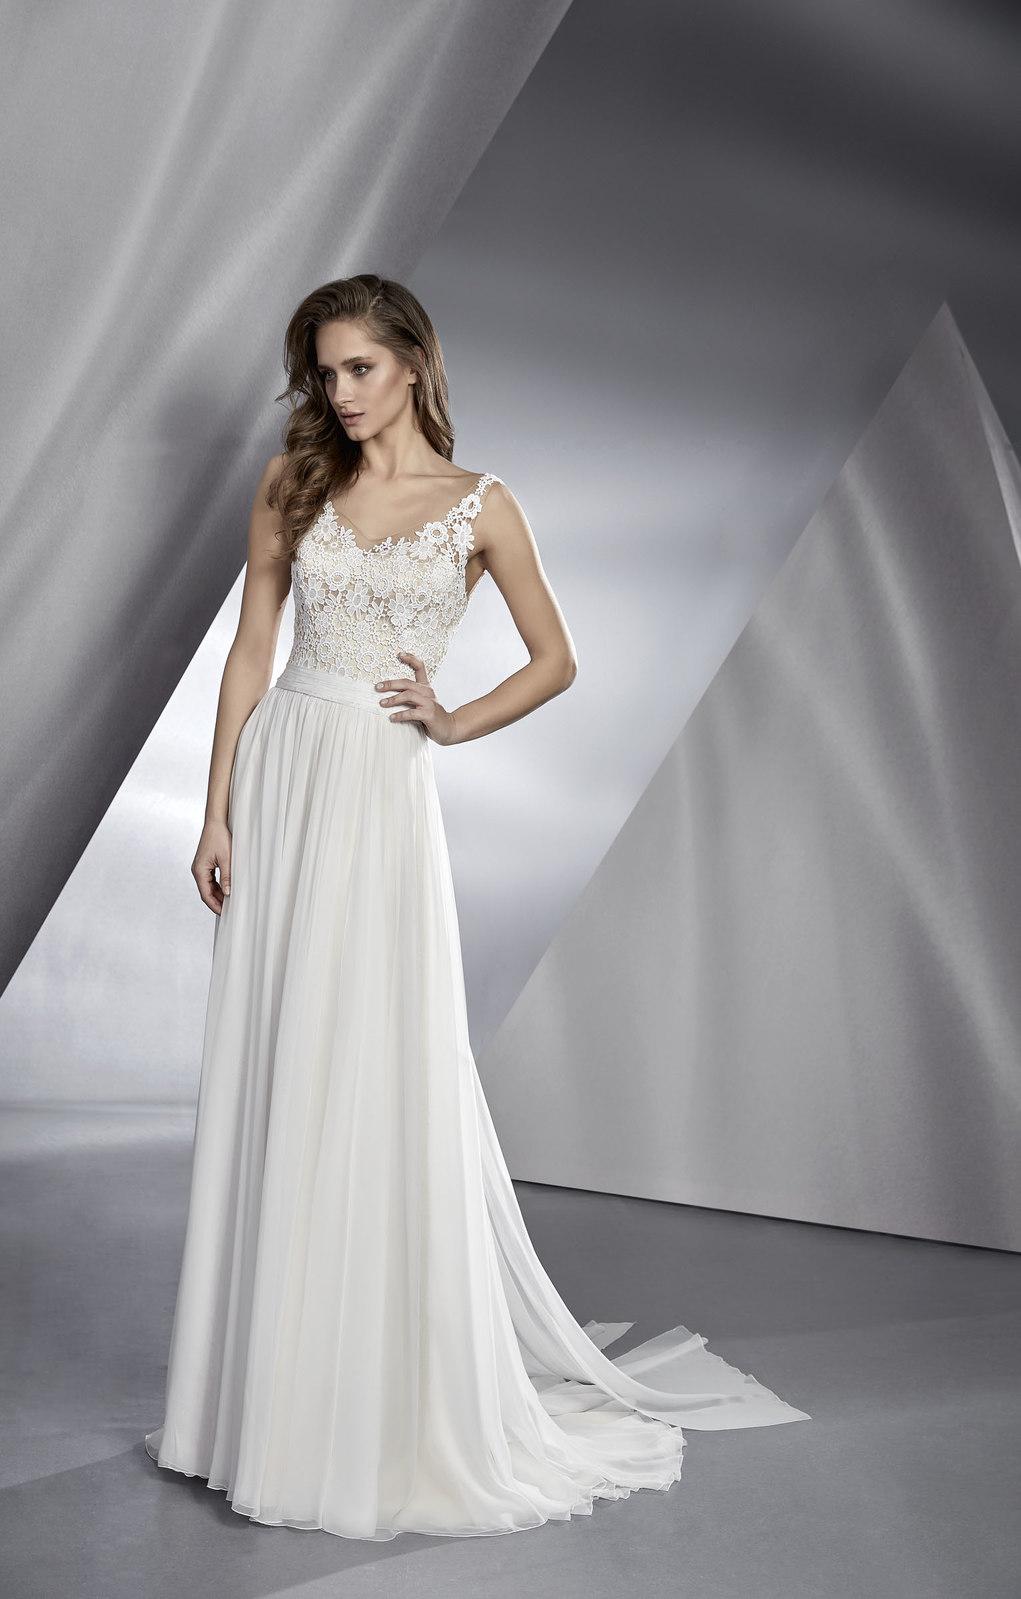 Fantastisch Brautkleider Brooklyn Ny Bilder - Brautkleider Ideen ...